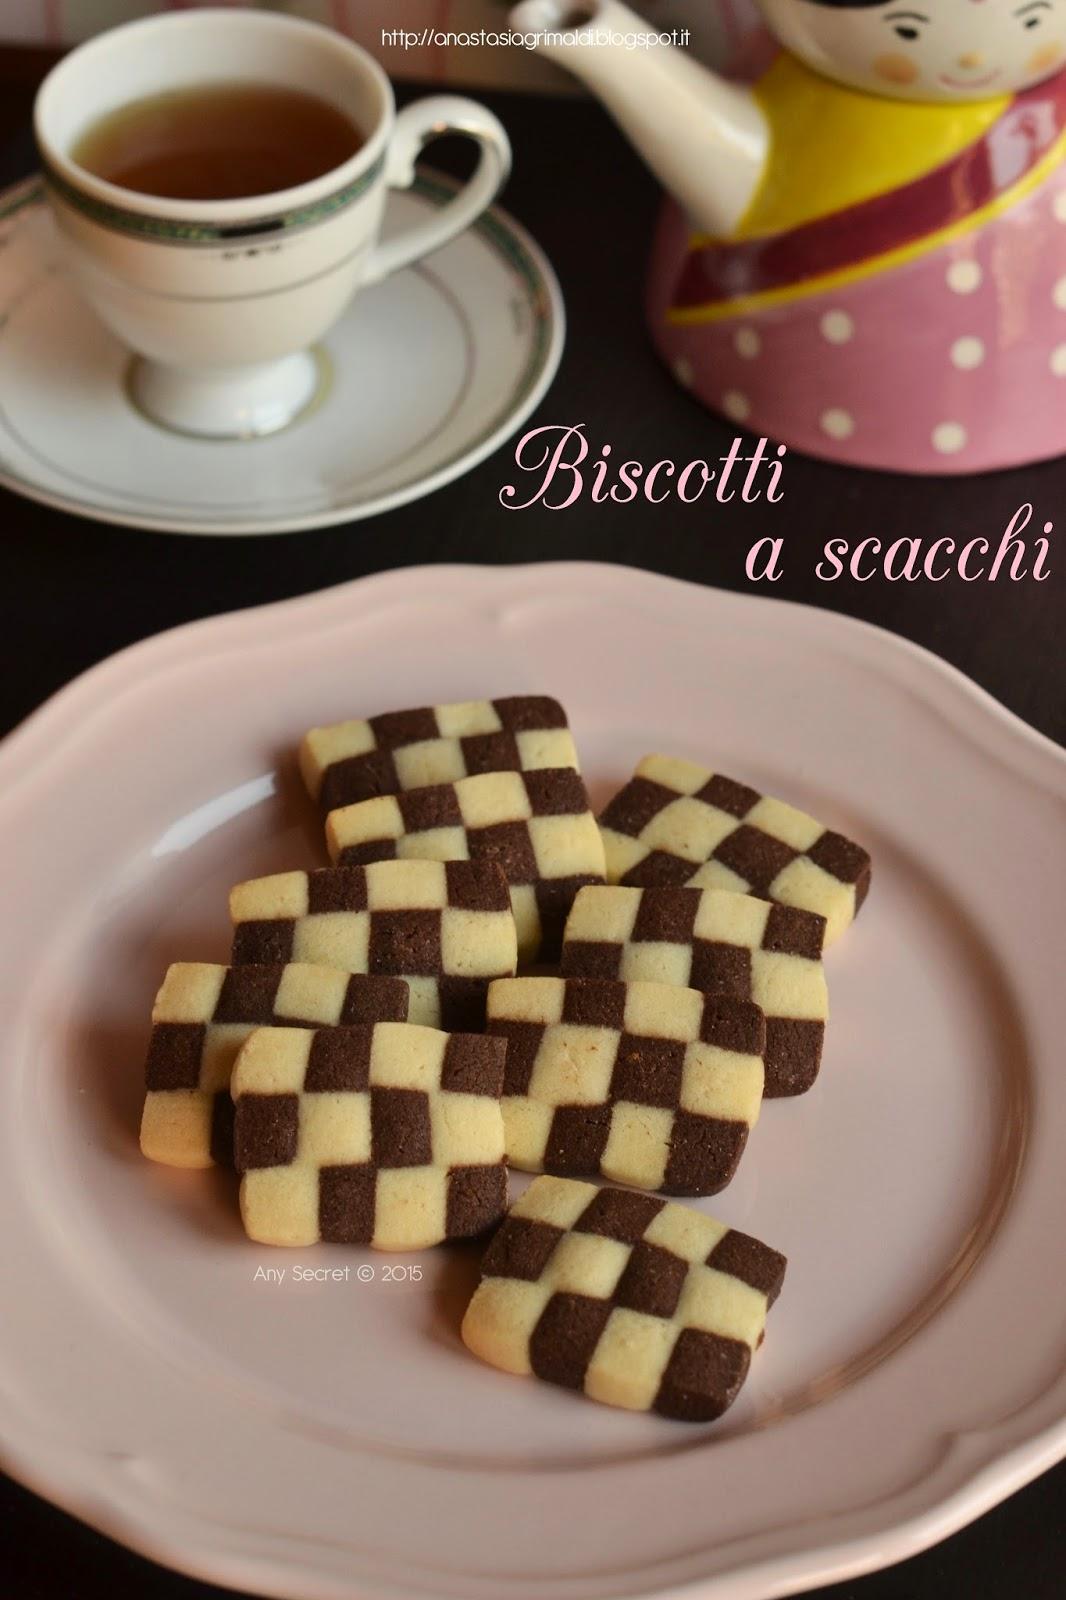 biscotti a scacchi: i biscotti arlecchino per carnevale!